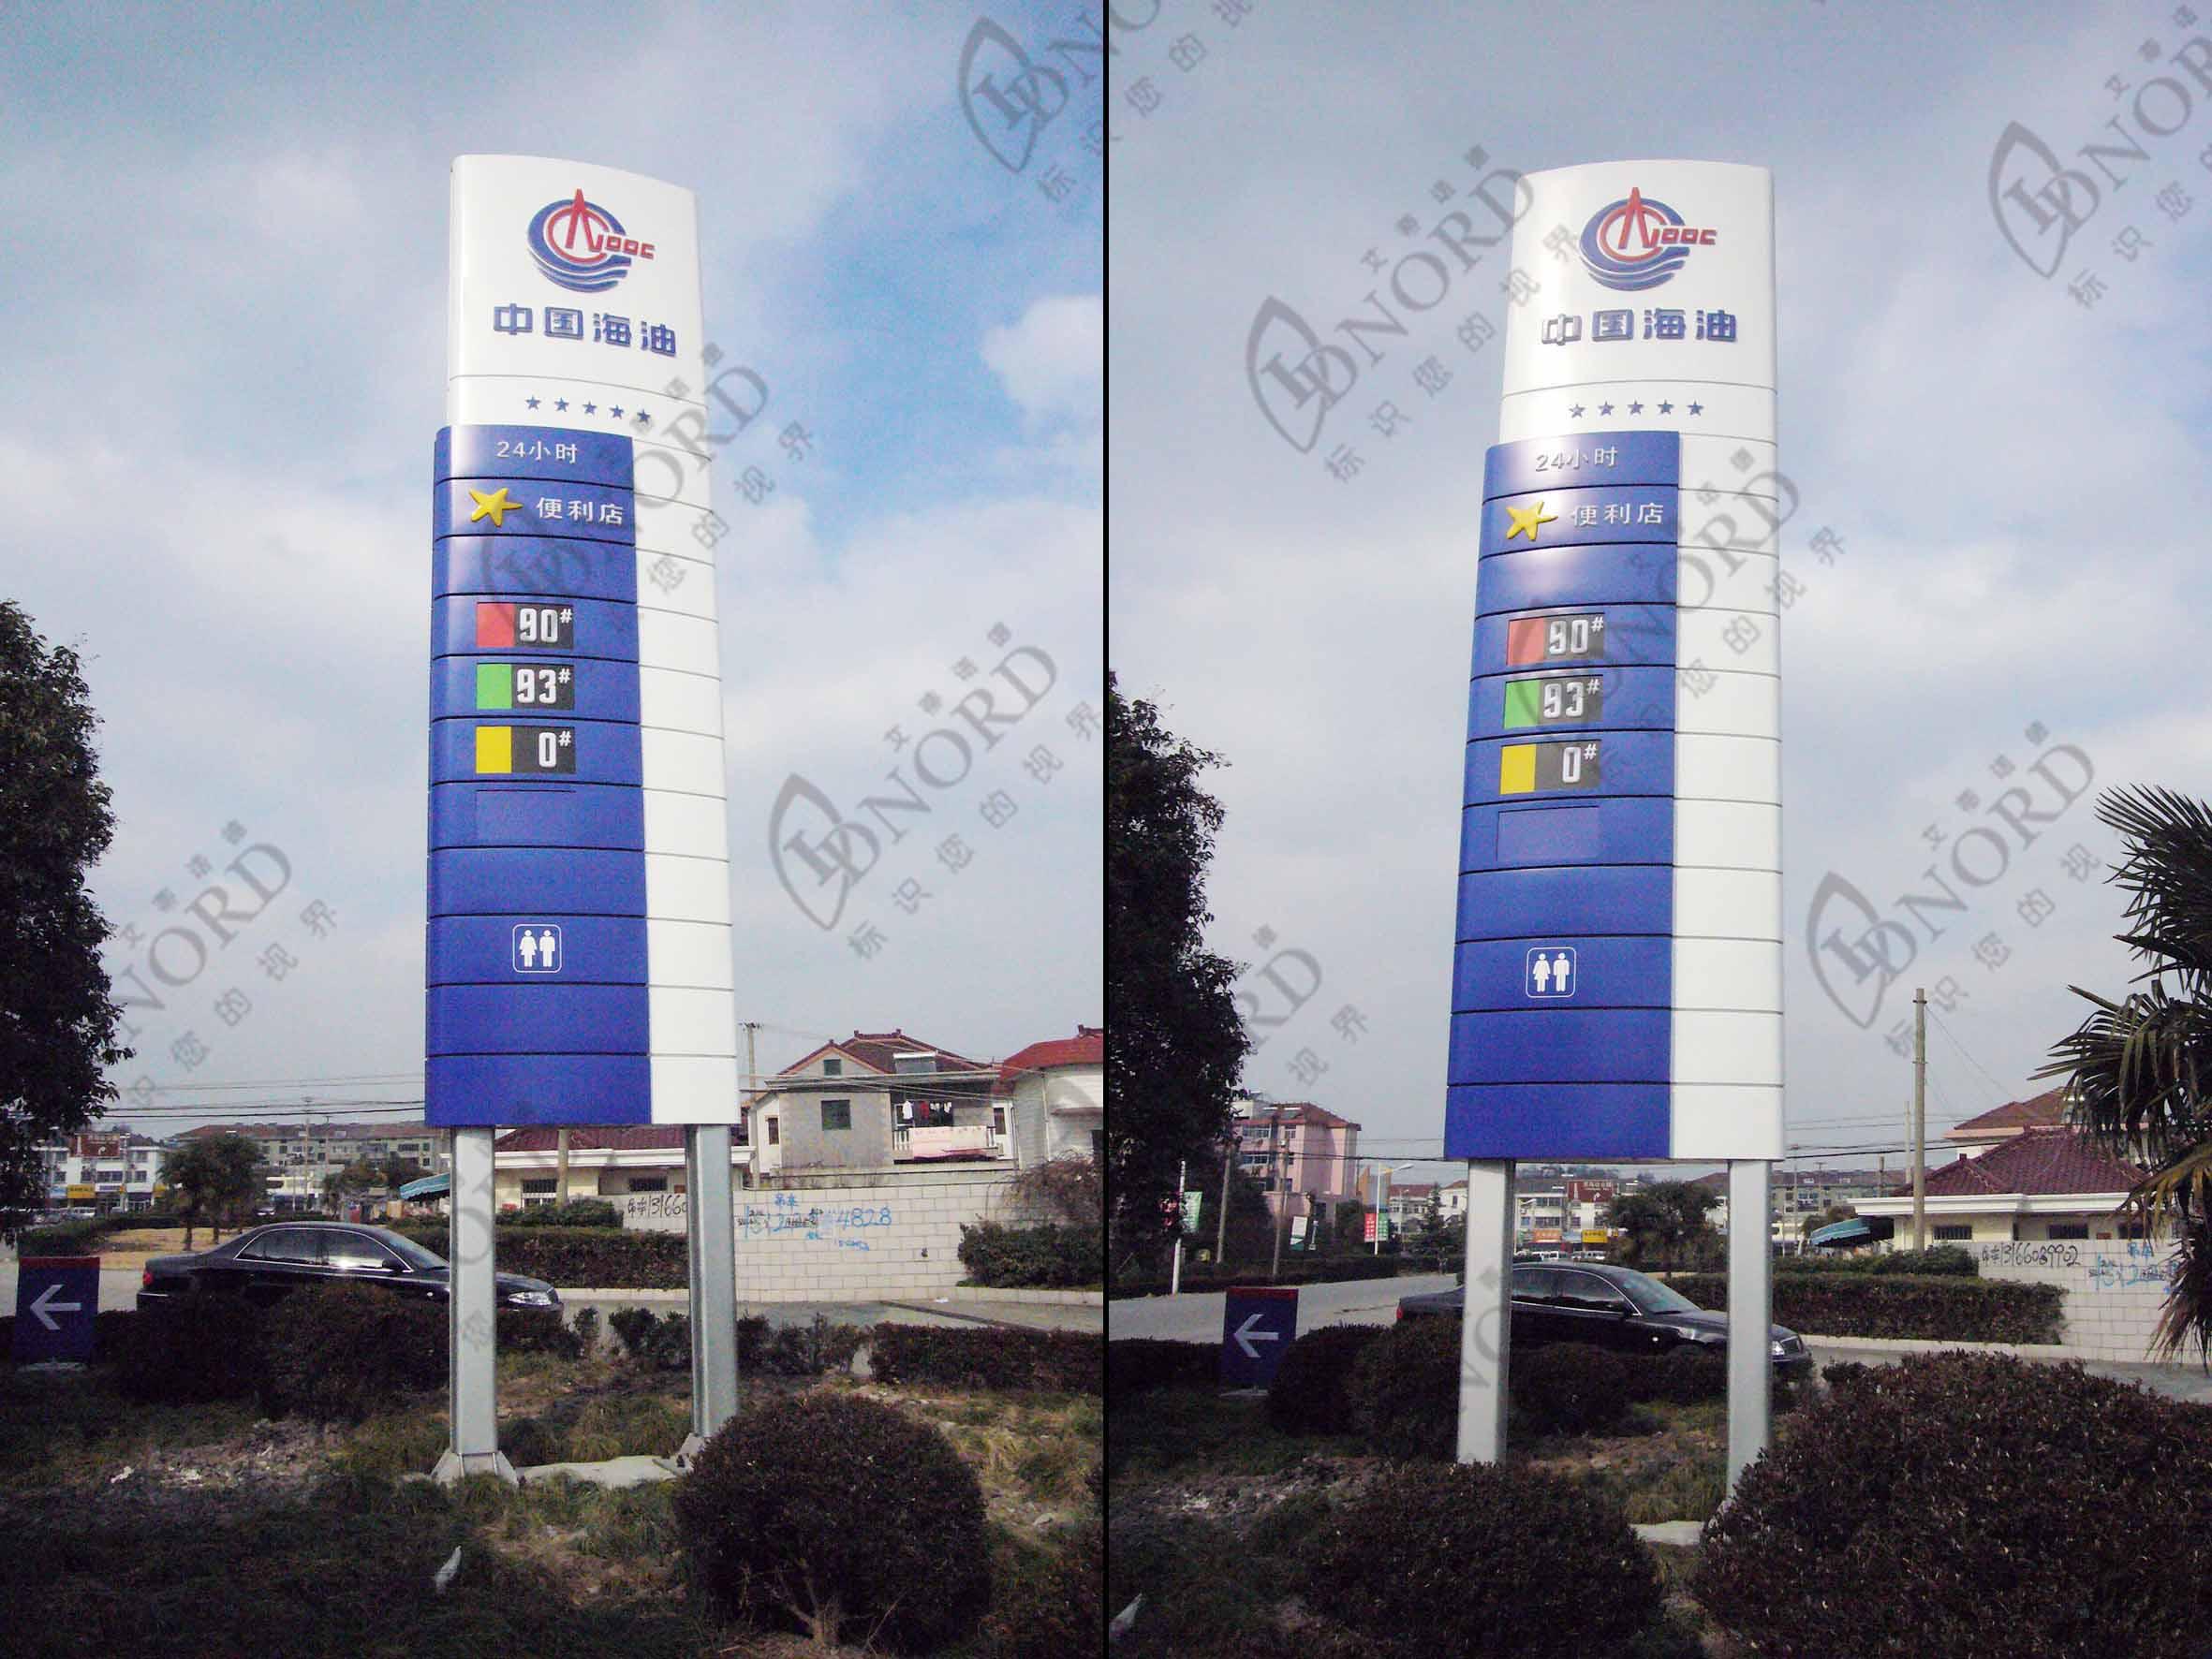 中海油加油站-上海艾蒂诺德标识工程有限公司--标识